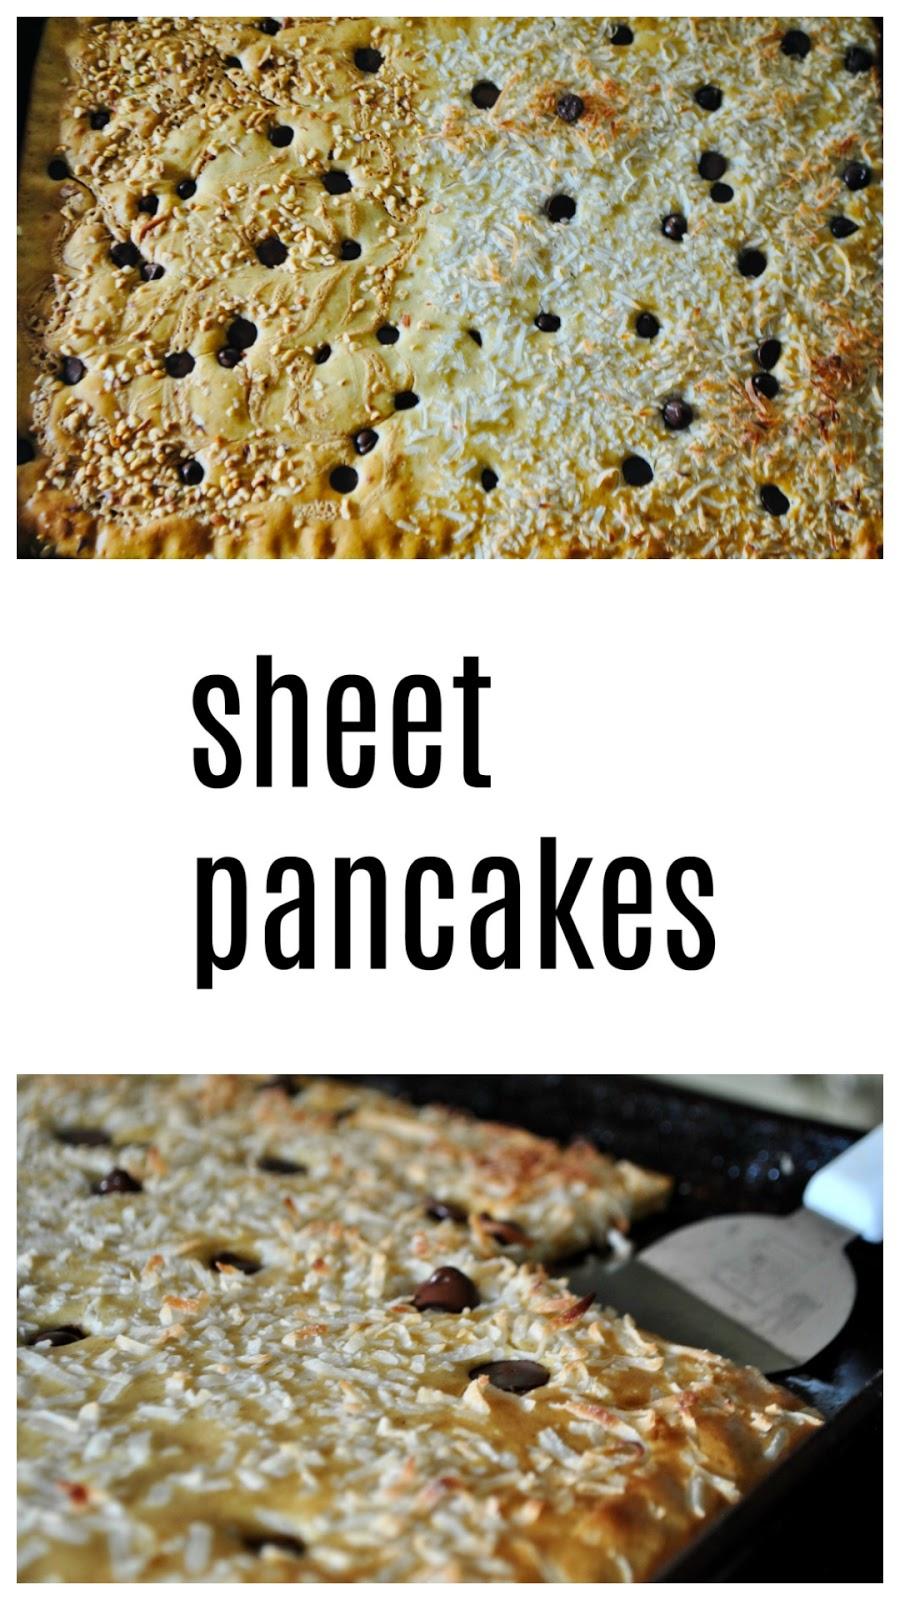 Sheet pancakes, the communal way to eat a pancake breakfast